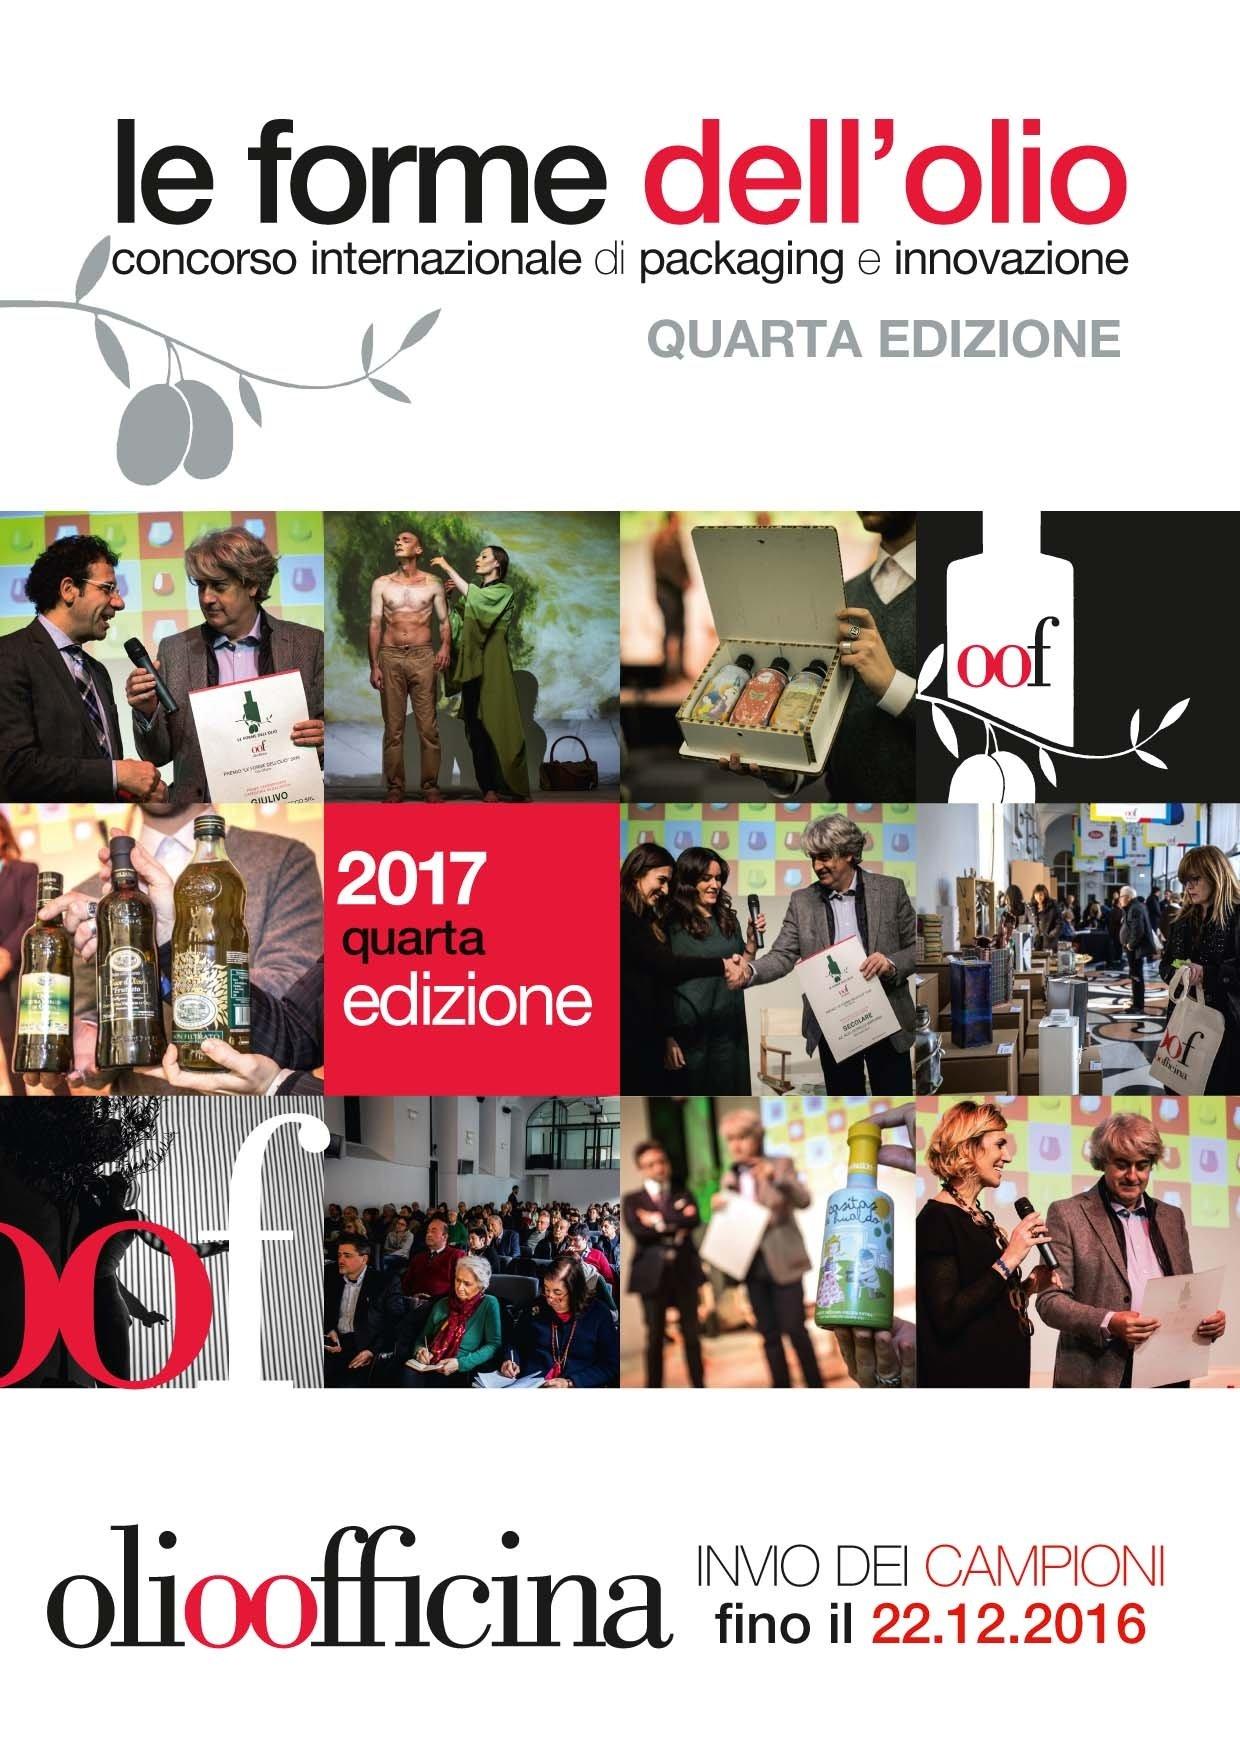 Extra vergini con il miglior abbigliaggio: la quarta edizione del concorso Le Forme dell'olio